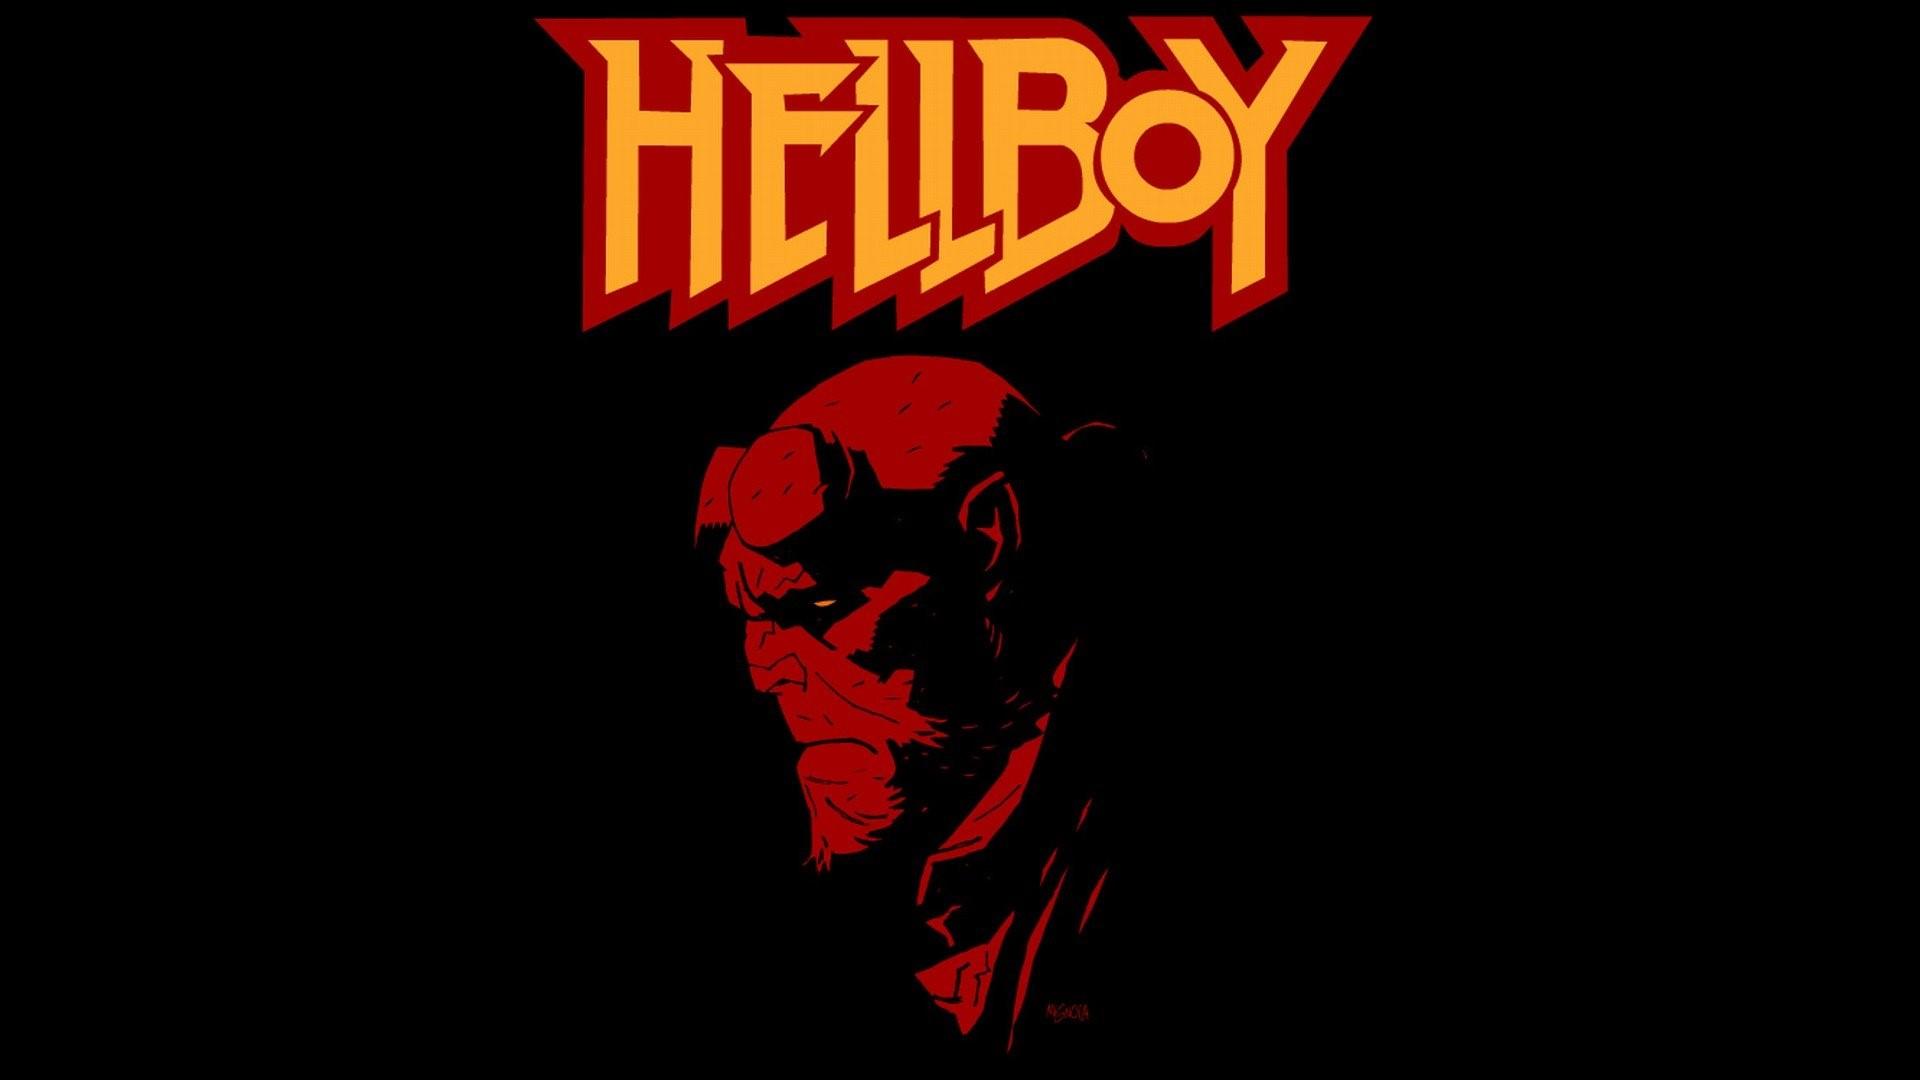 hellboy 2k wallpapers